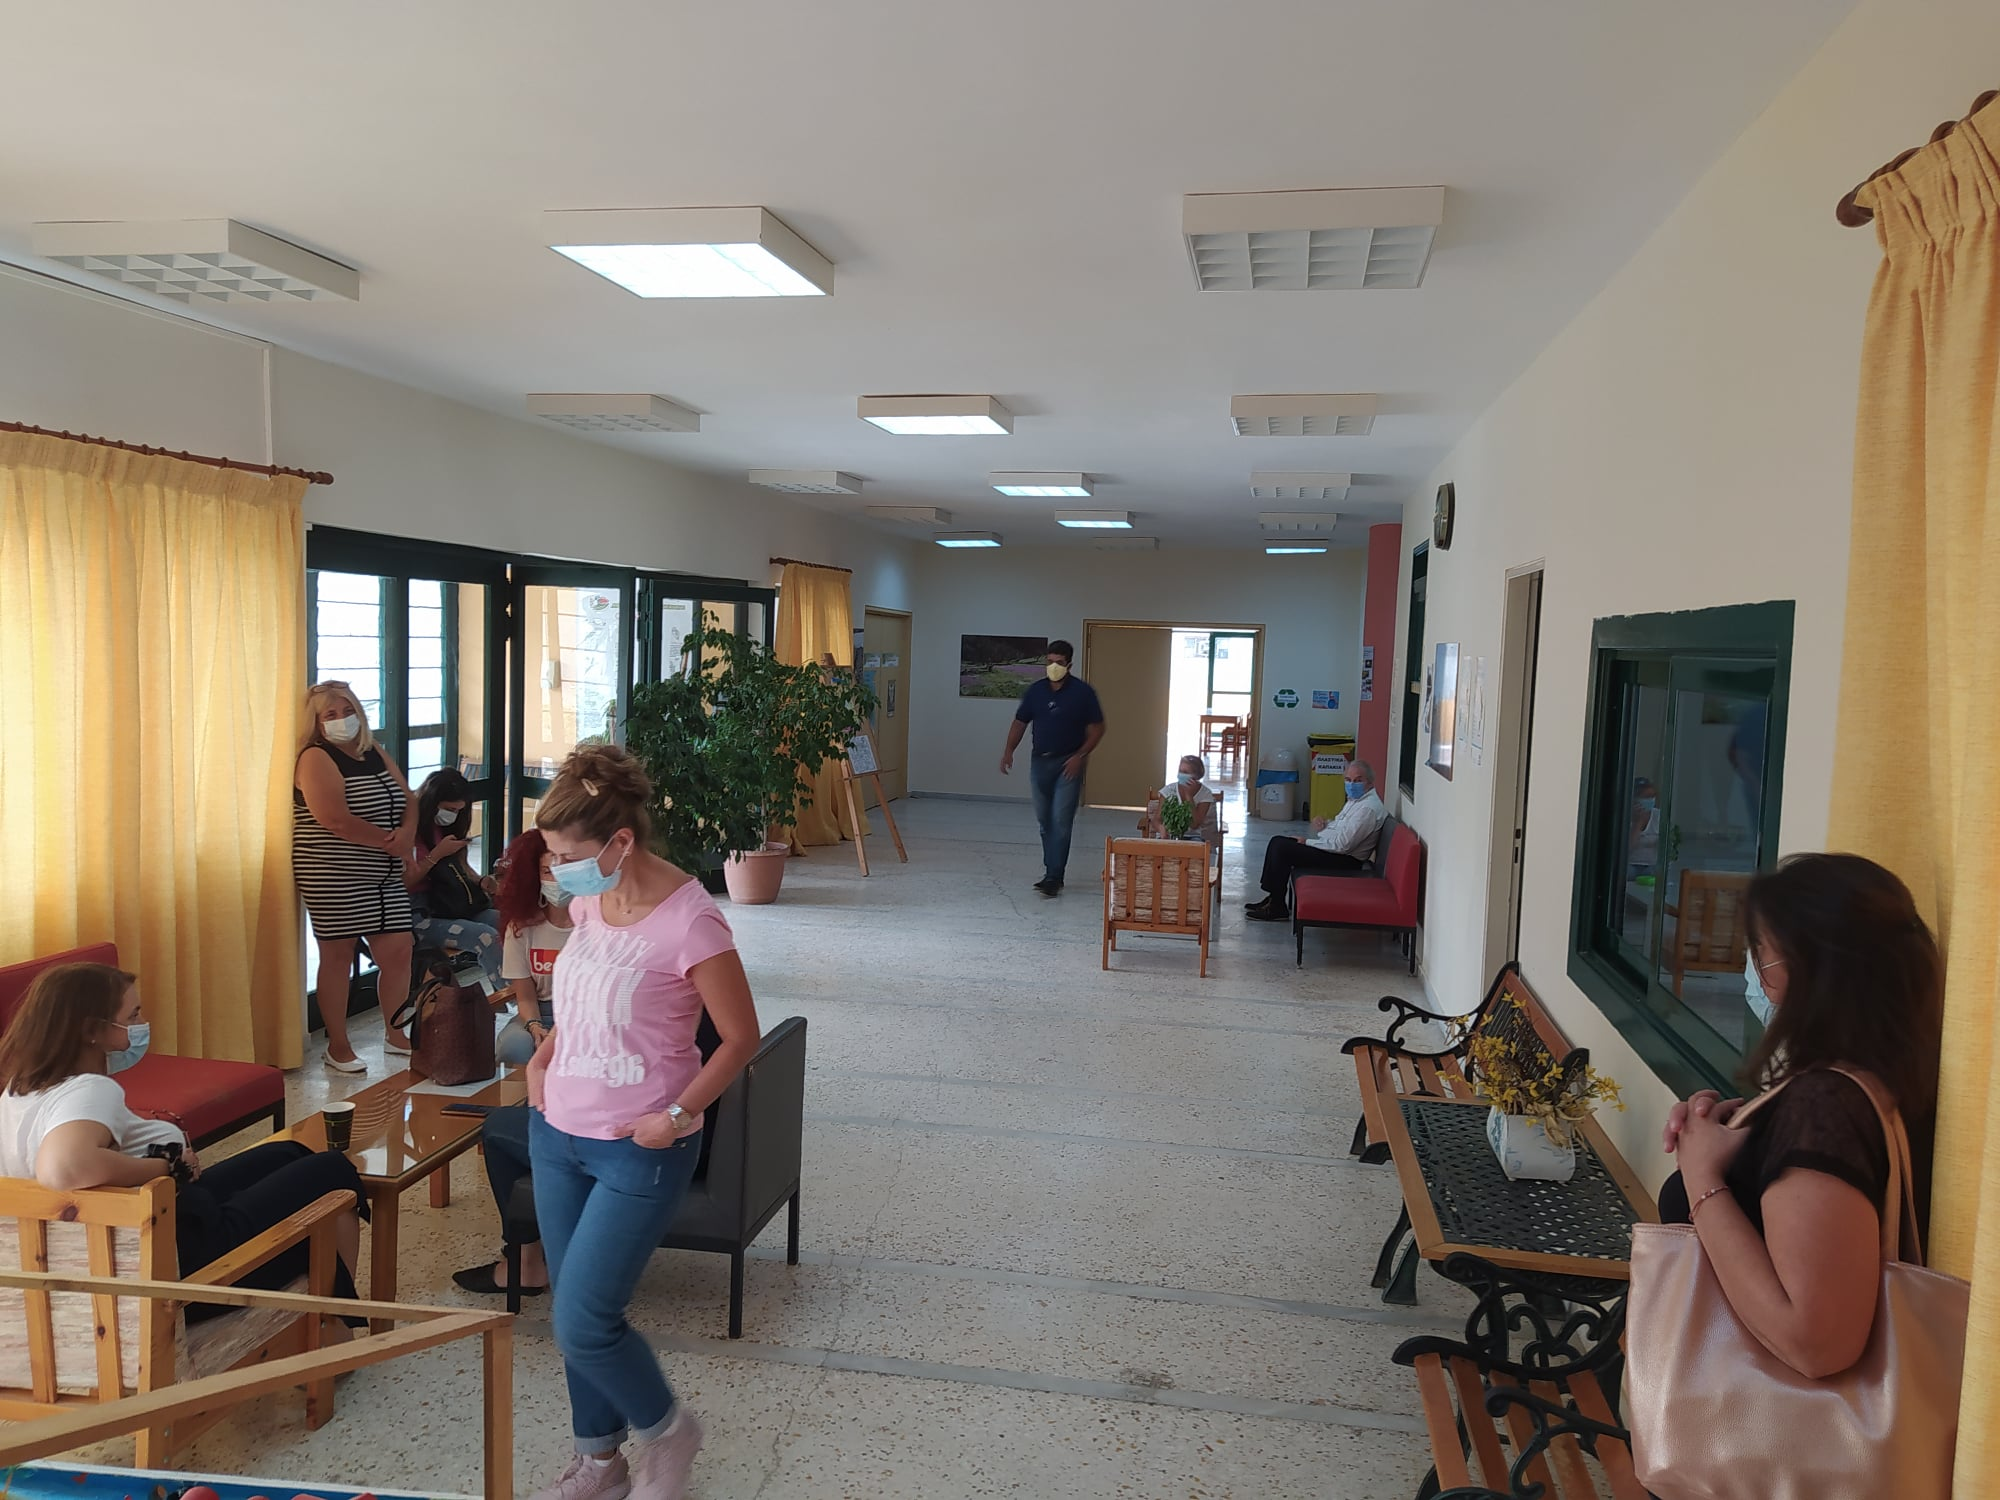 Έλεγχοι για covid-19 στο δήμο Ανδρίτσαινας-Κρεστένων (photos)